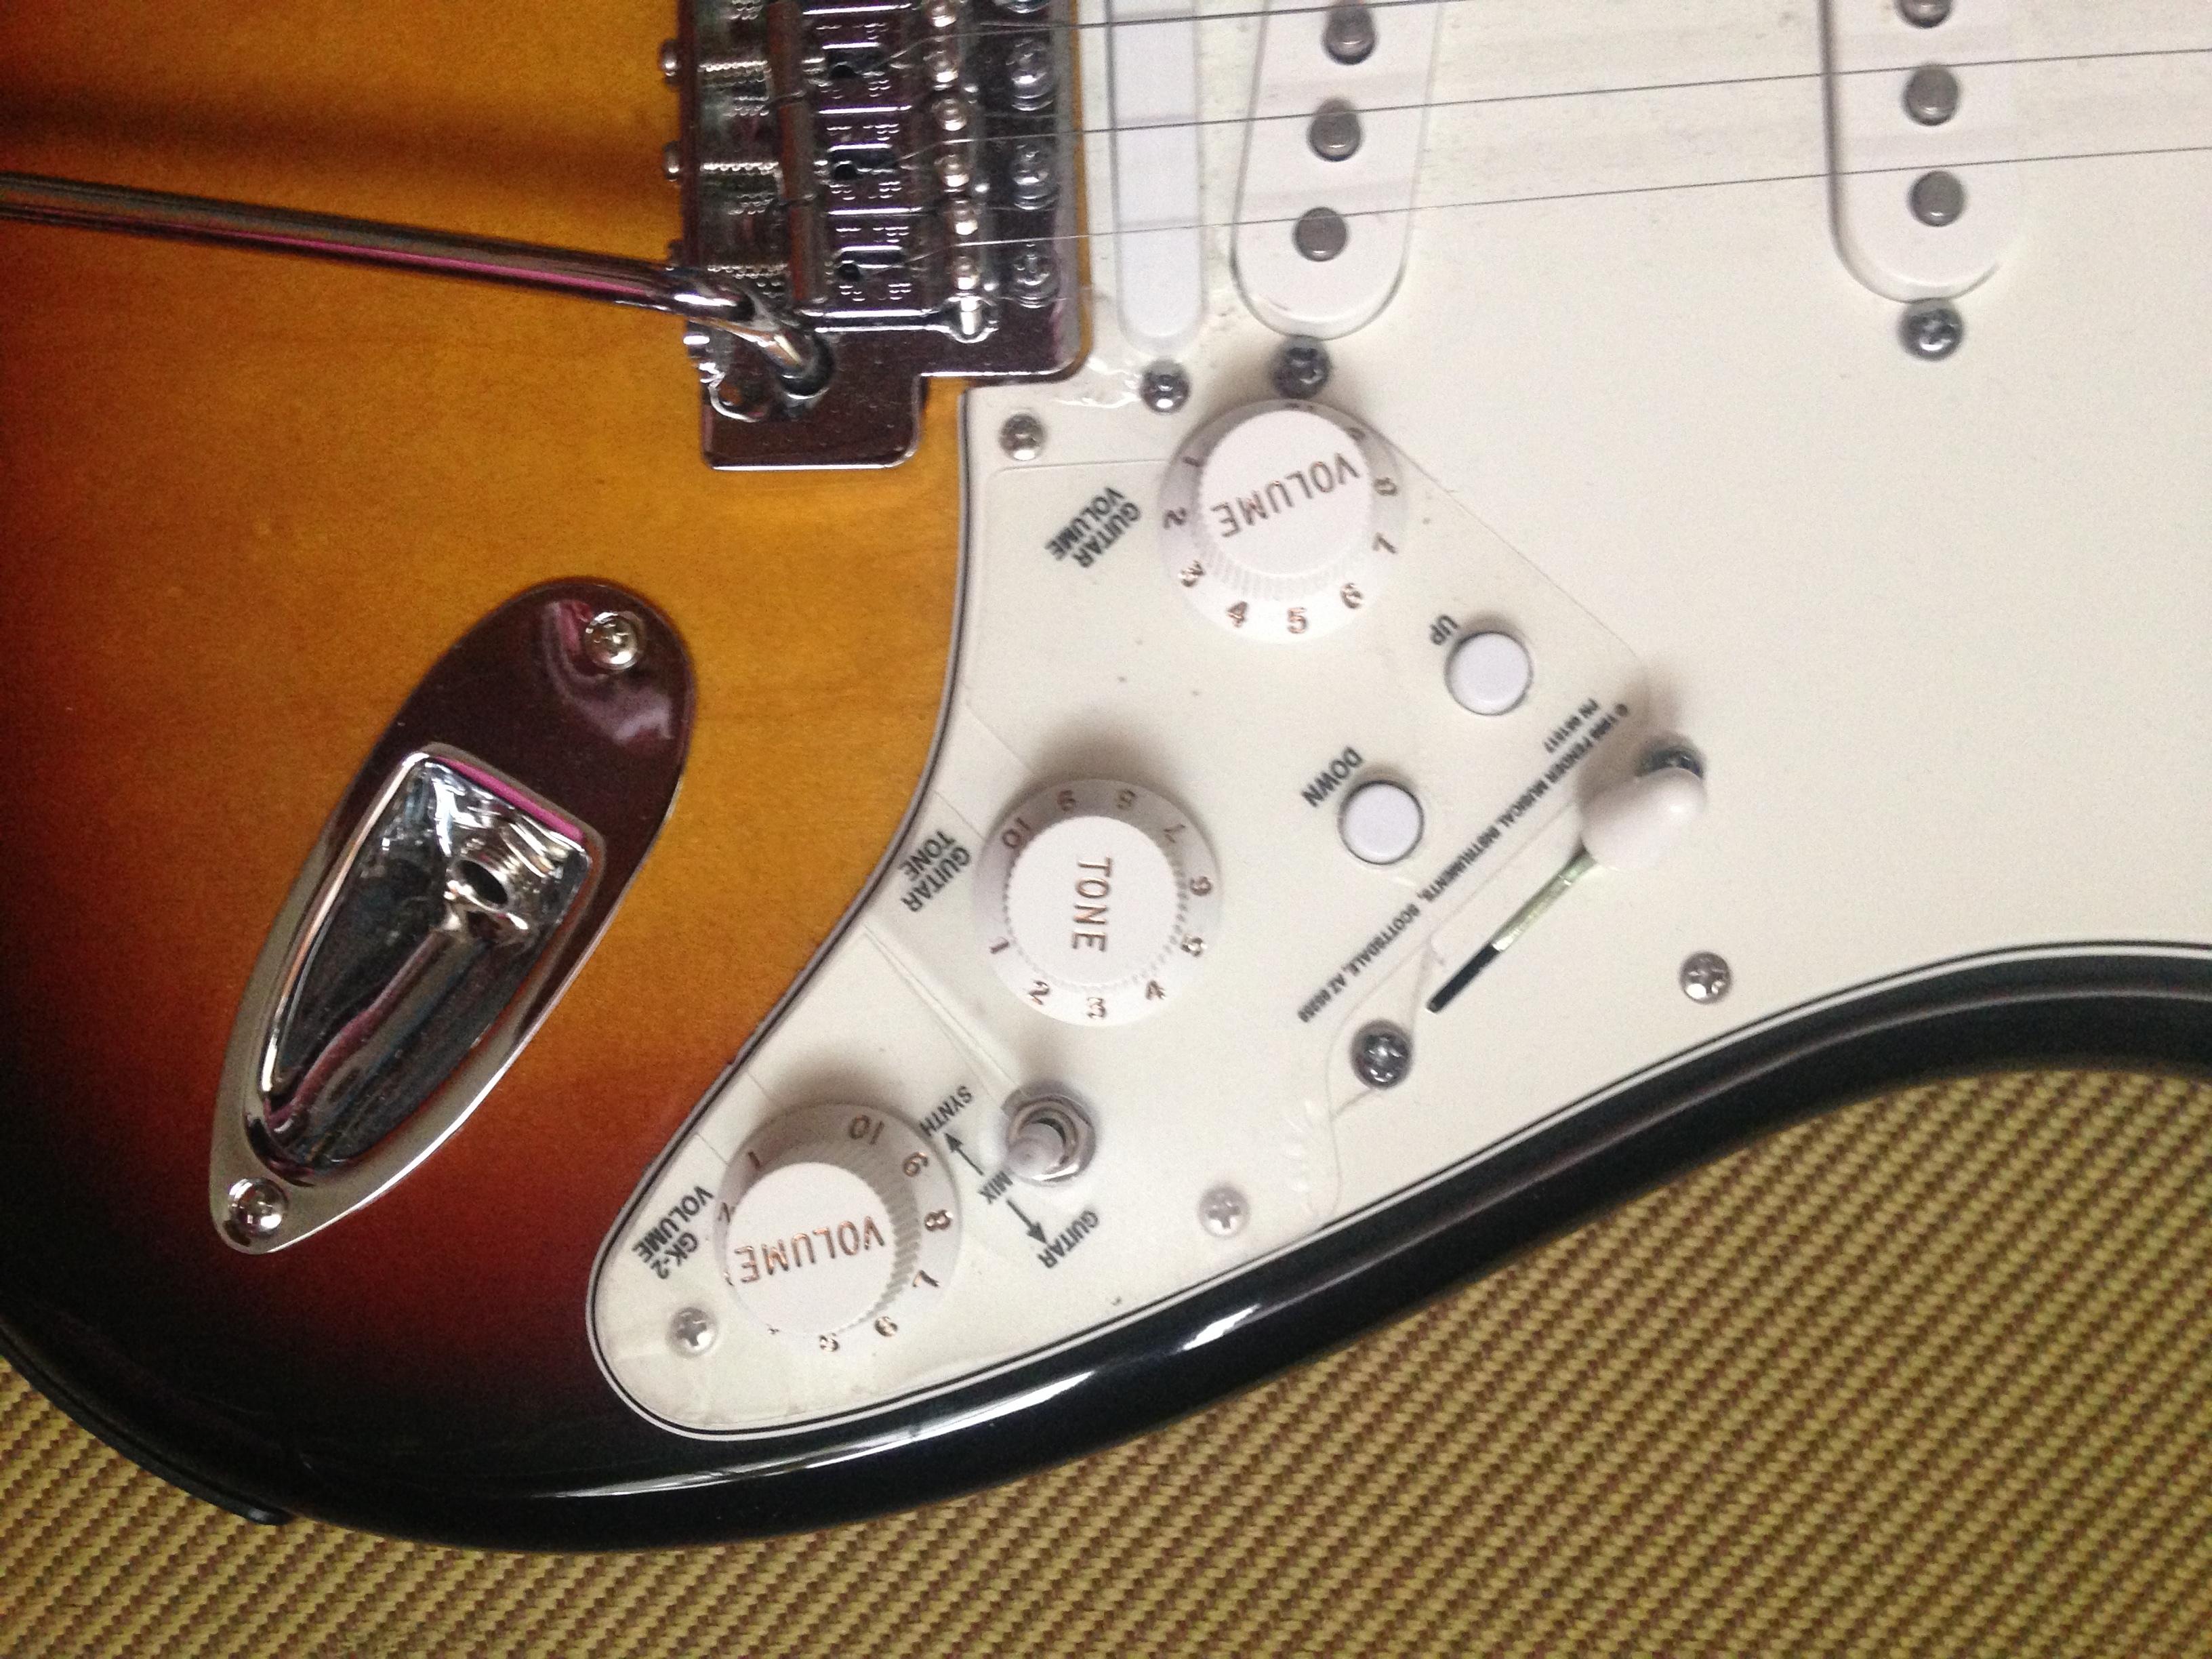 Fender Roland Ready Strat Wiring Diagram Free Download Ibanez Sr305 Emi Engine T1 Musicmaster Fat